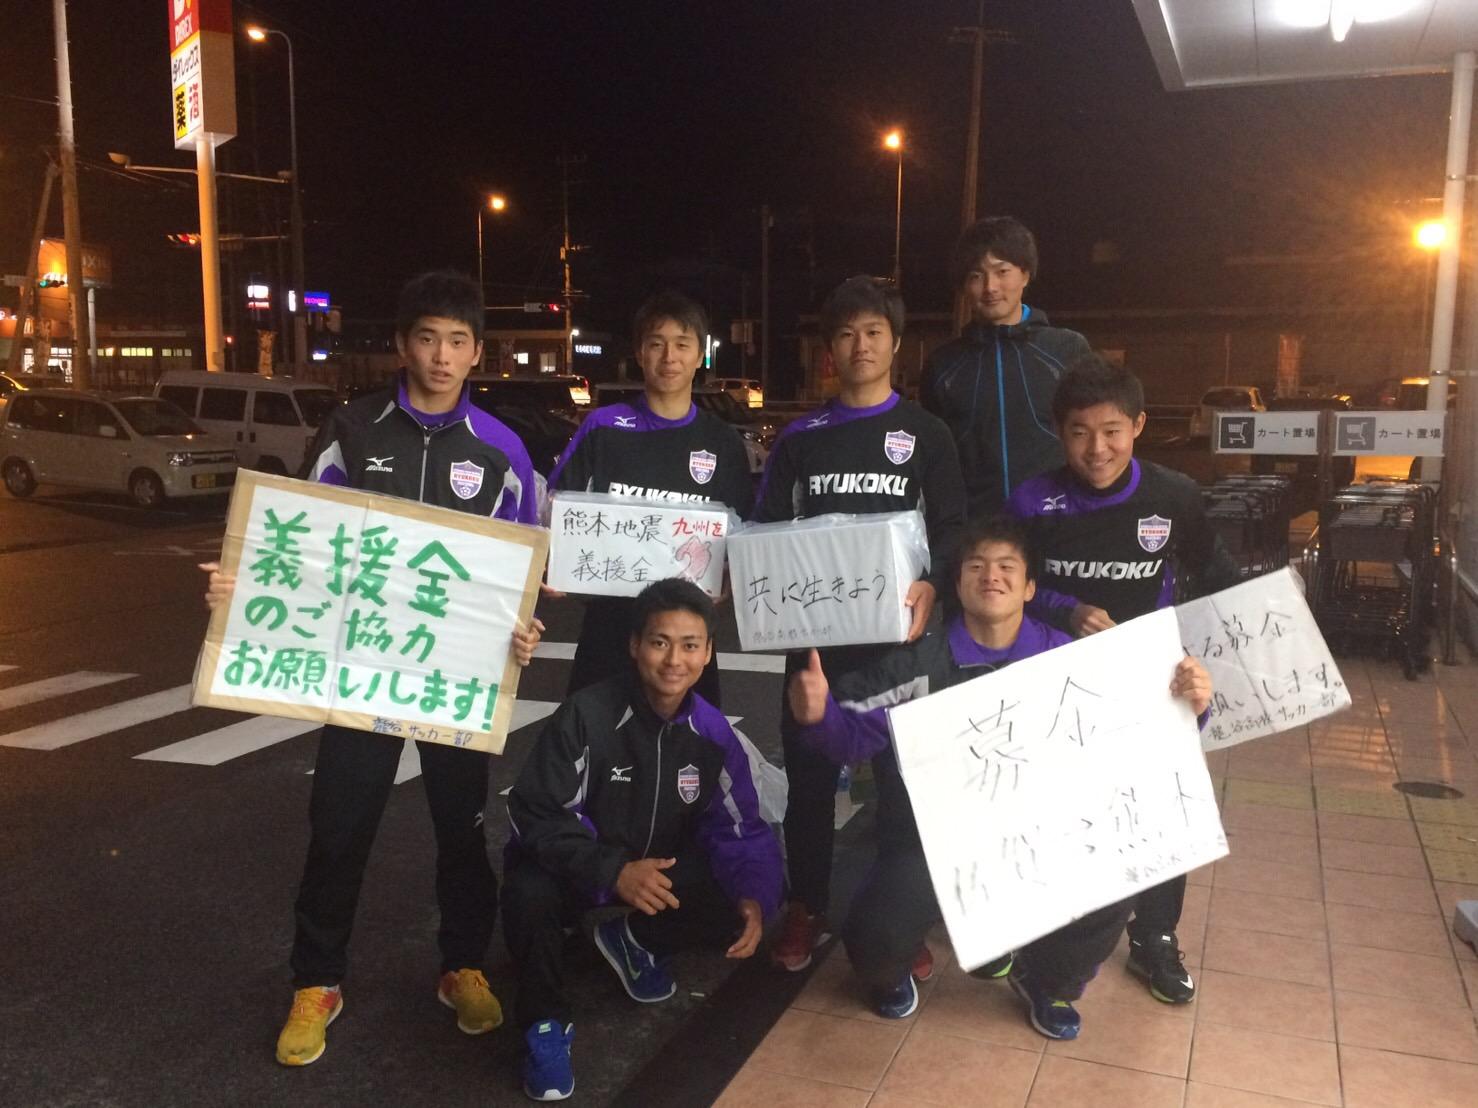 熊本震災支援活動45